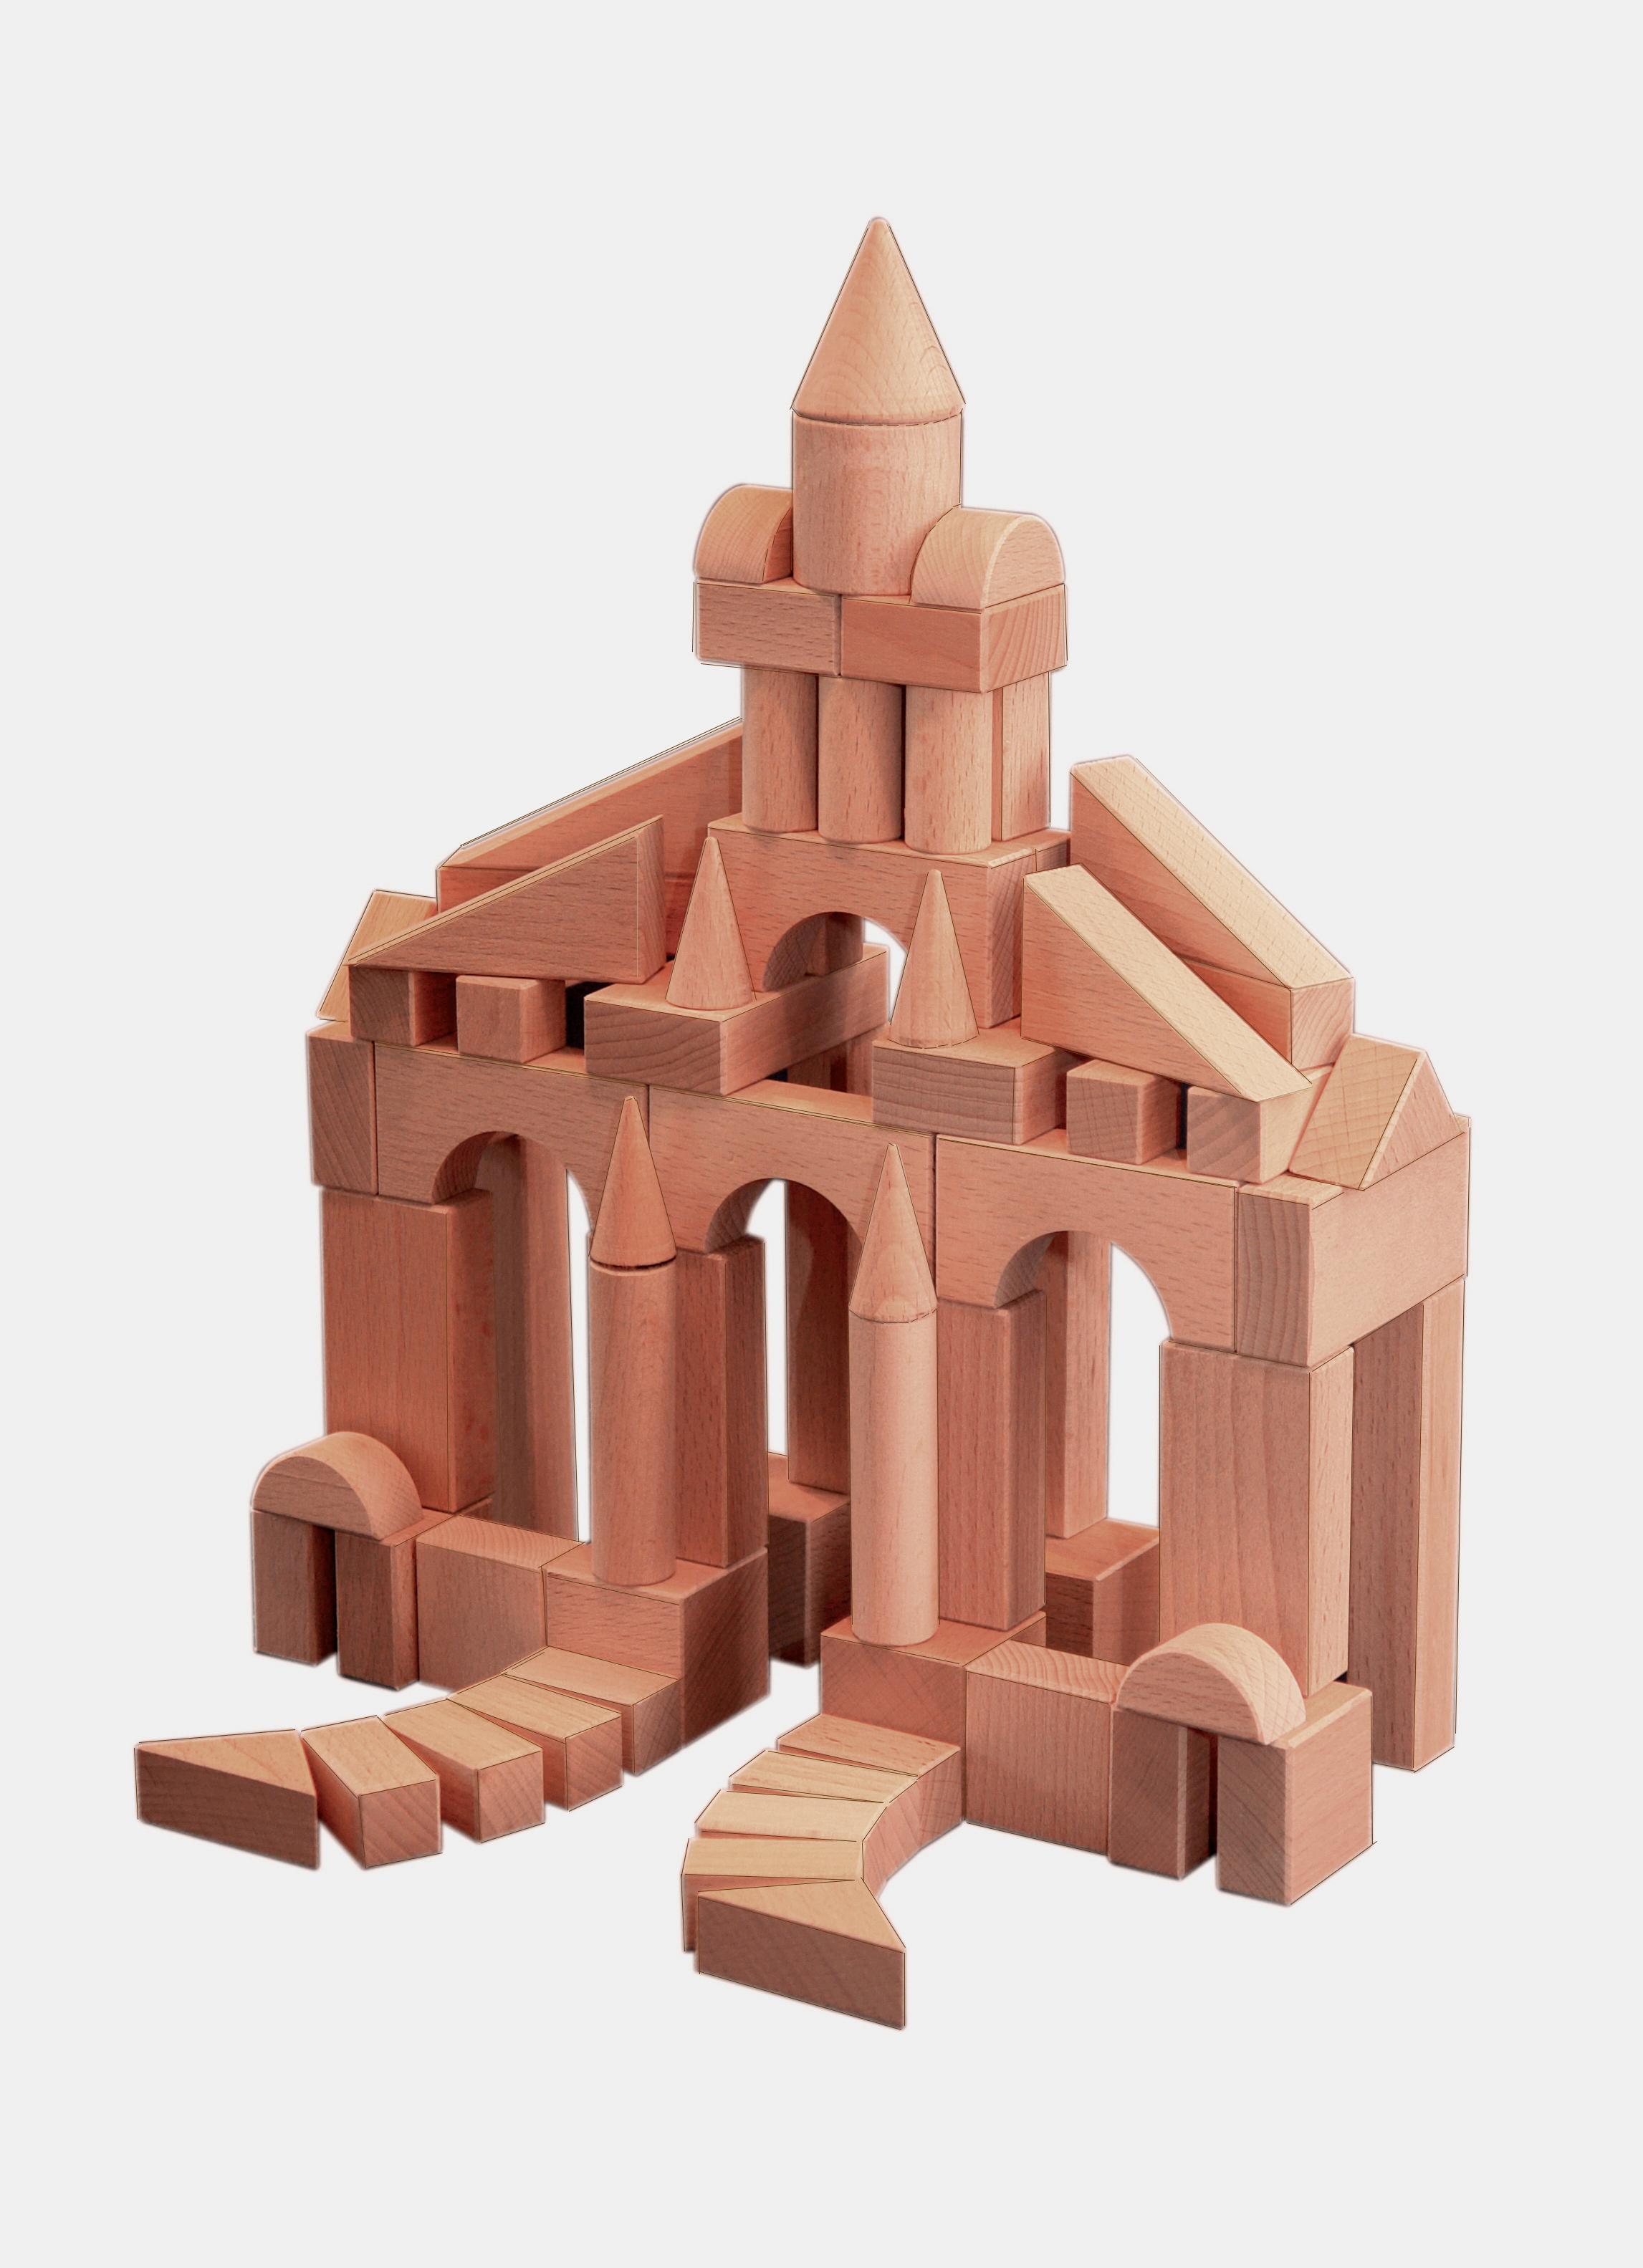 Конструктор деревянный не окрашенный, 70 деталейДеревянный конструктор<br>Конструктор деревянный не окрашенный, 70 деталей<br>